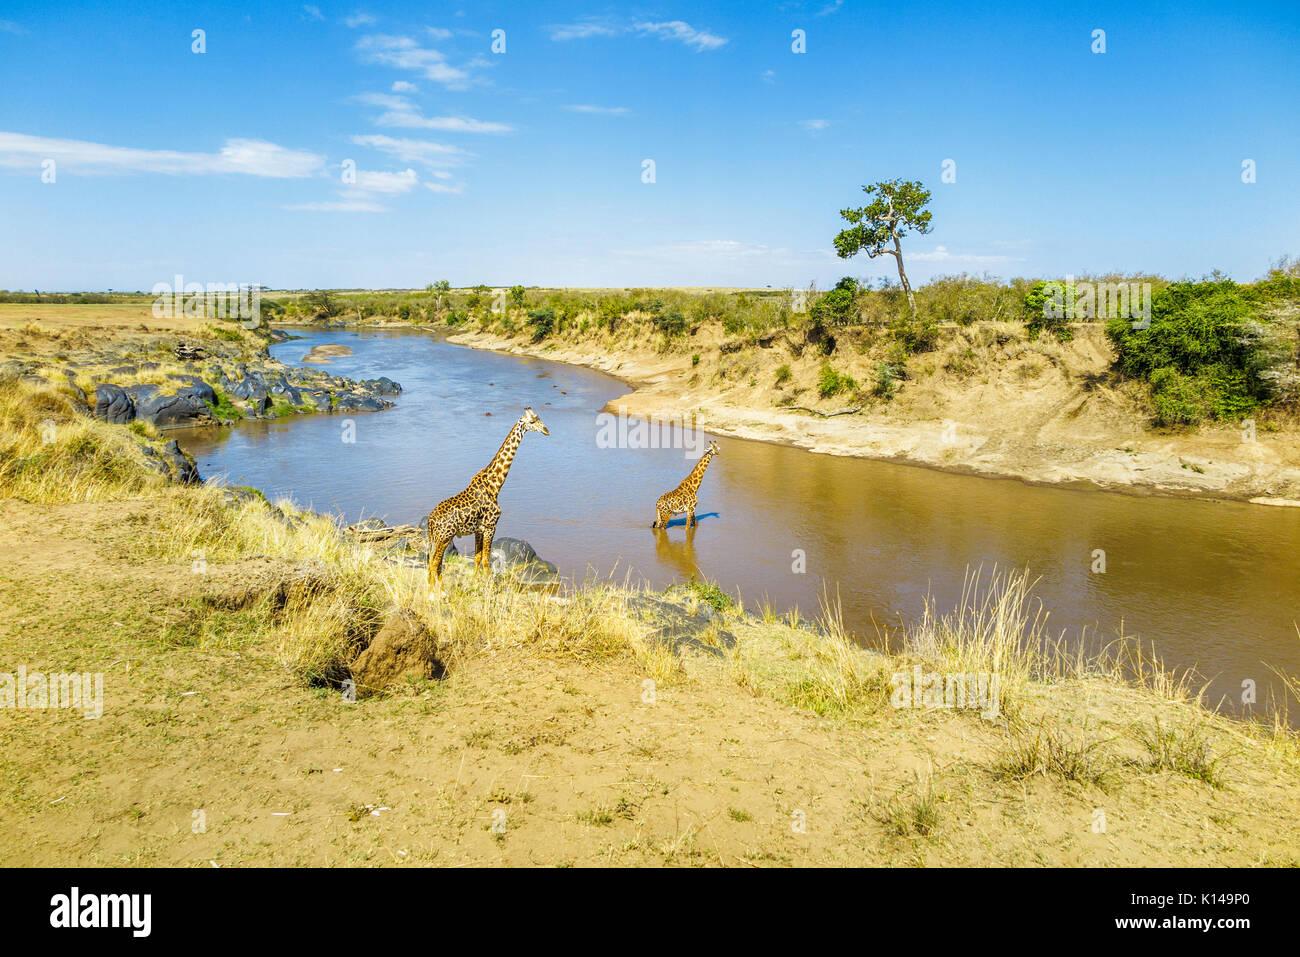 Vue de paysage avec deux girafes Masai (Giraffa camelopardalis tippelskirchi) sur la rive et passage à niveau de la rivière Mara, Masai Mara, Kenya Photo Stock